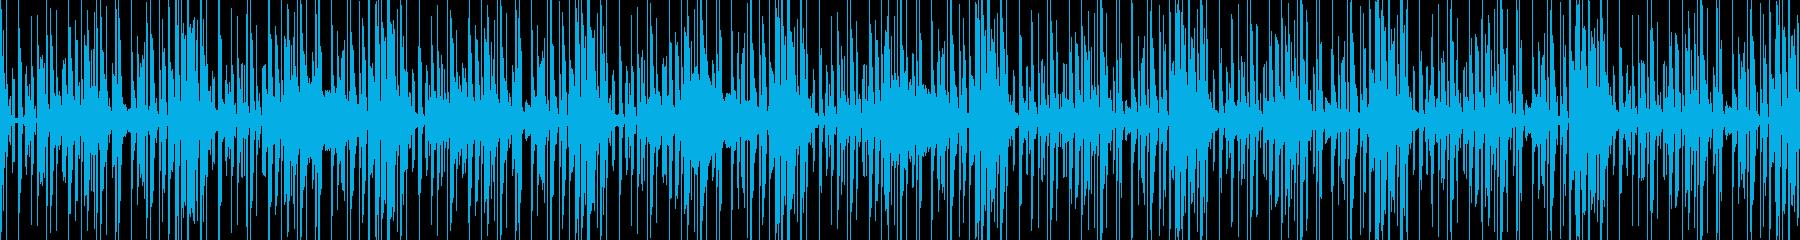 【映像】落ち着いた雰囲気 【ループ可】の再生済みの波形